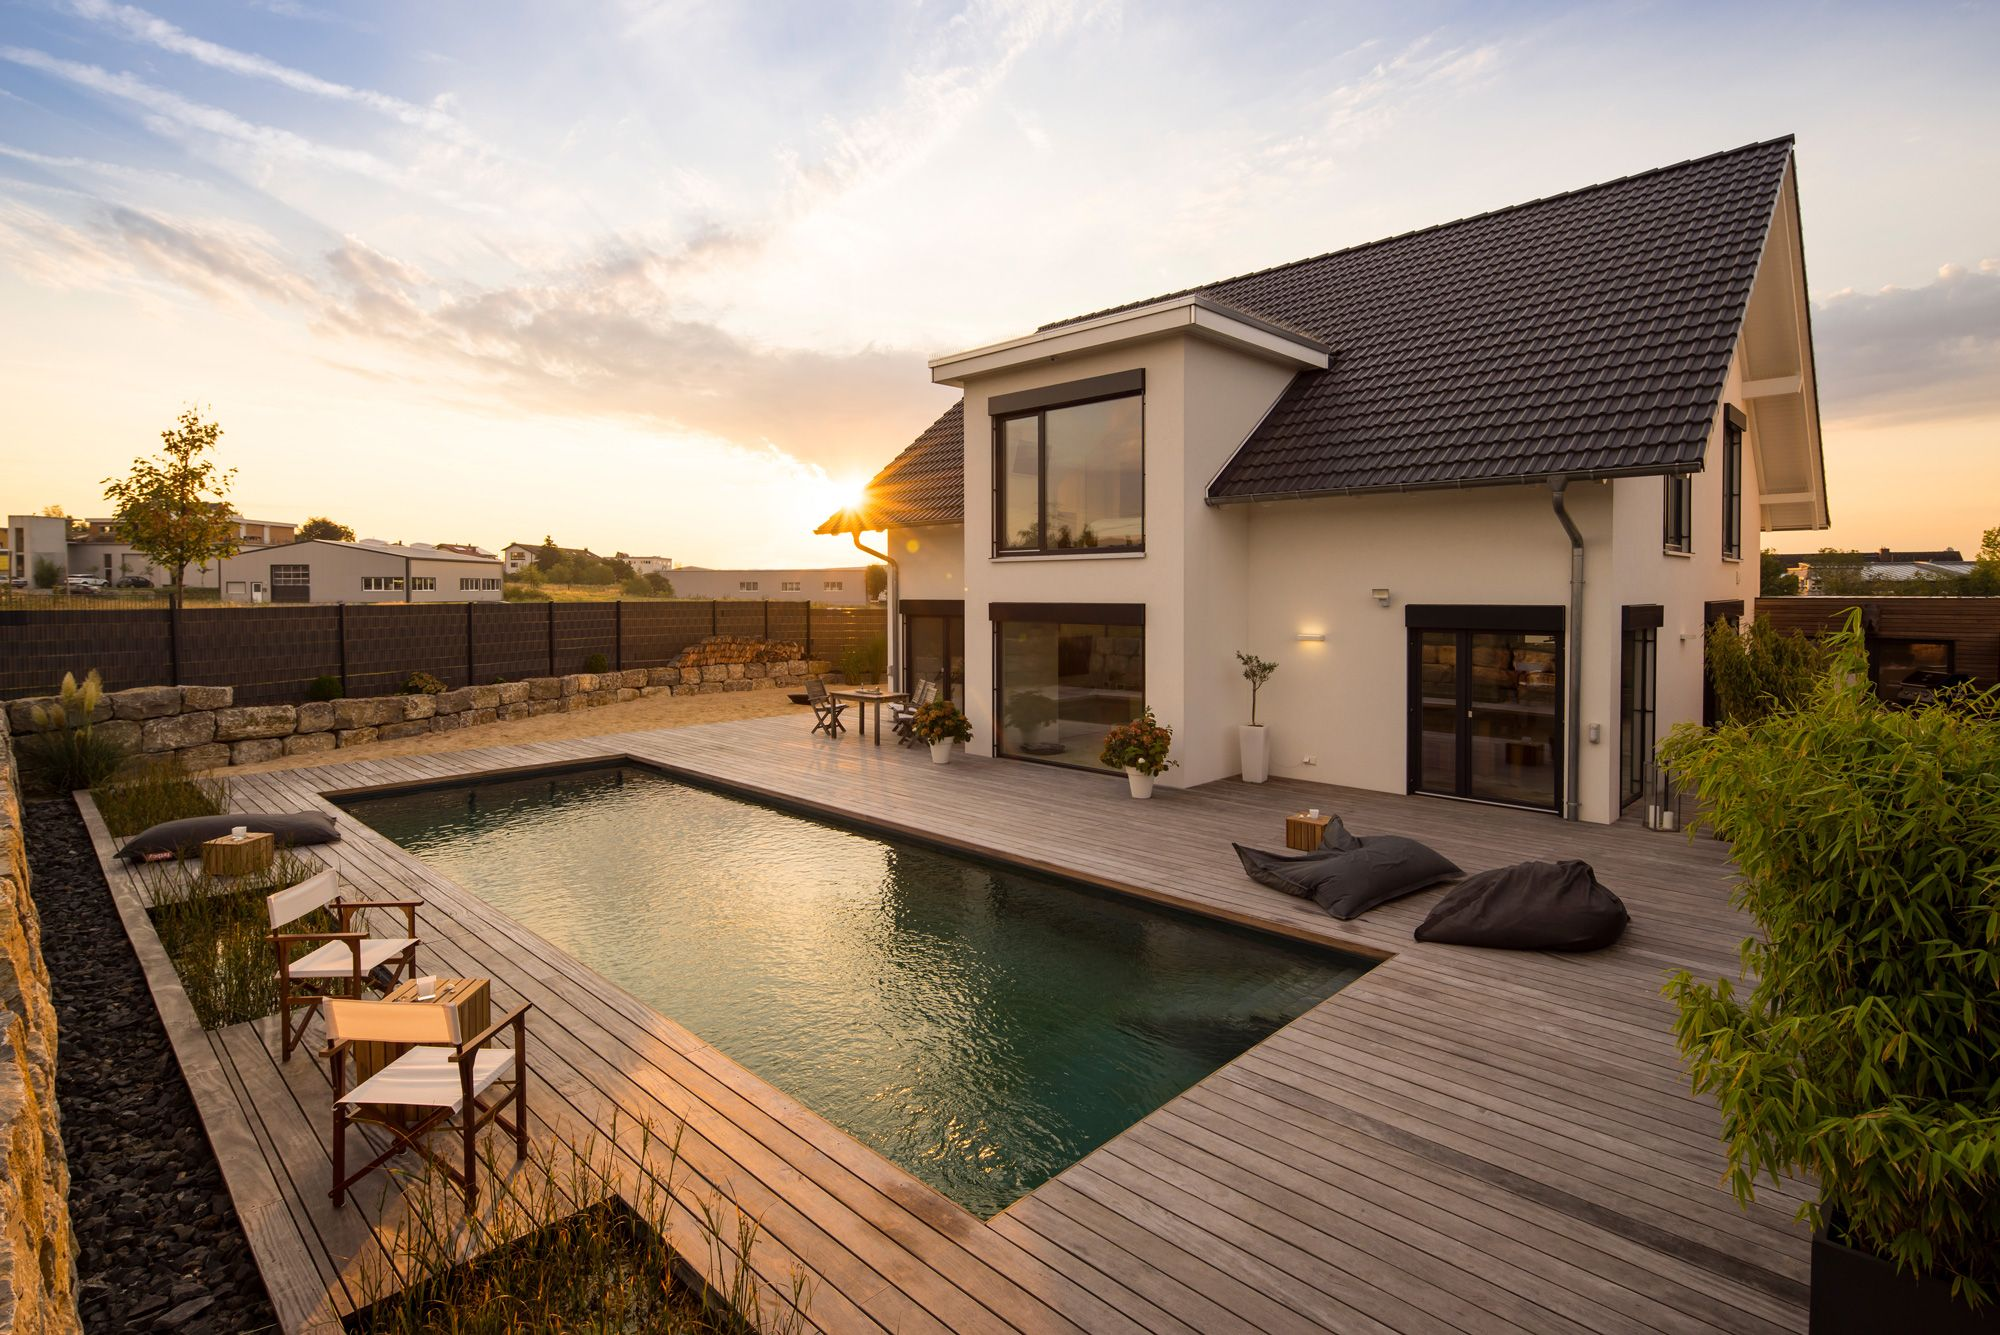 Home design bilder im inneren geräumige terrasse mit swimmingpool und sandstrand  zuhause